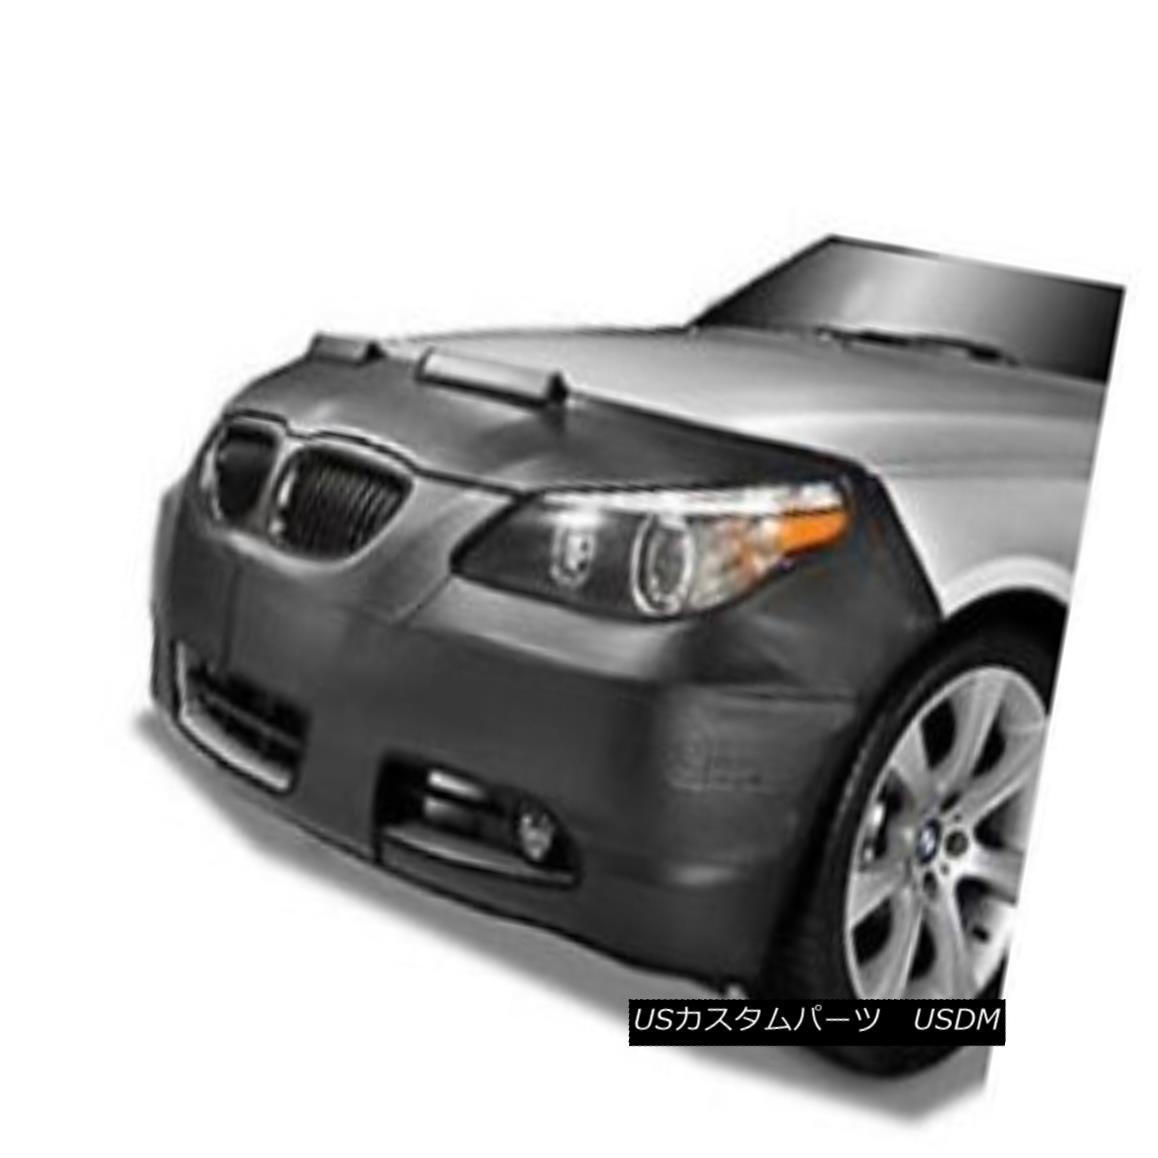 フルブラ ノーズブラ Colgan Front End Mask Bra 2pc. Fits BMW 335i Conv. & Cpe 07-10 W/O Tag W/O Washr コルガンフロントエンドマスクブラ2pc BMW 335i Convに適合 & Cpe 07-10 W / OタグW / O Washr